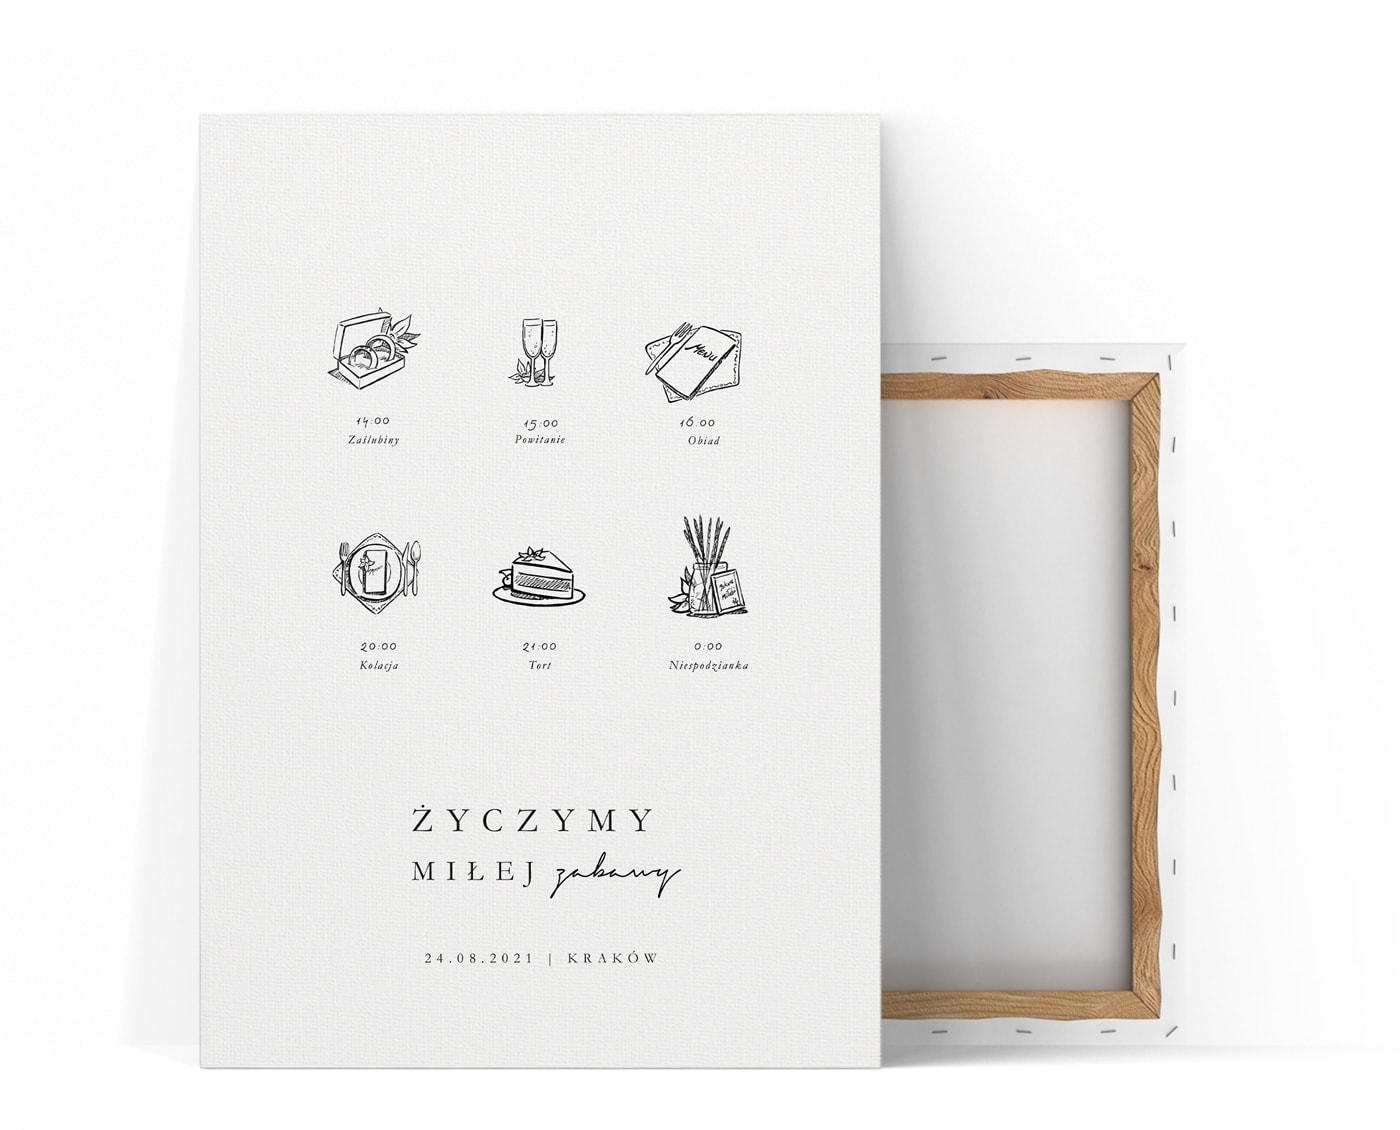 duży plan ceremonii ślubnej z rysunkami